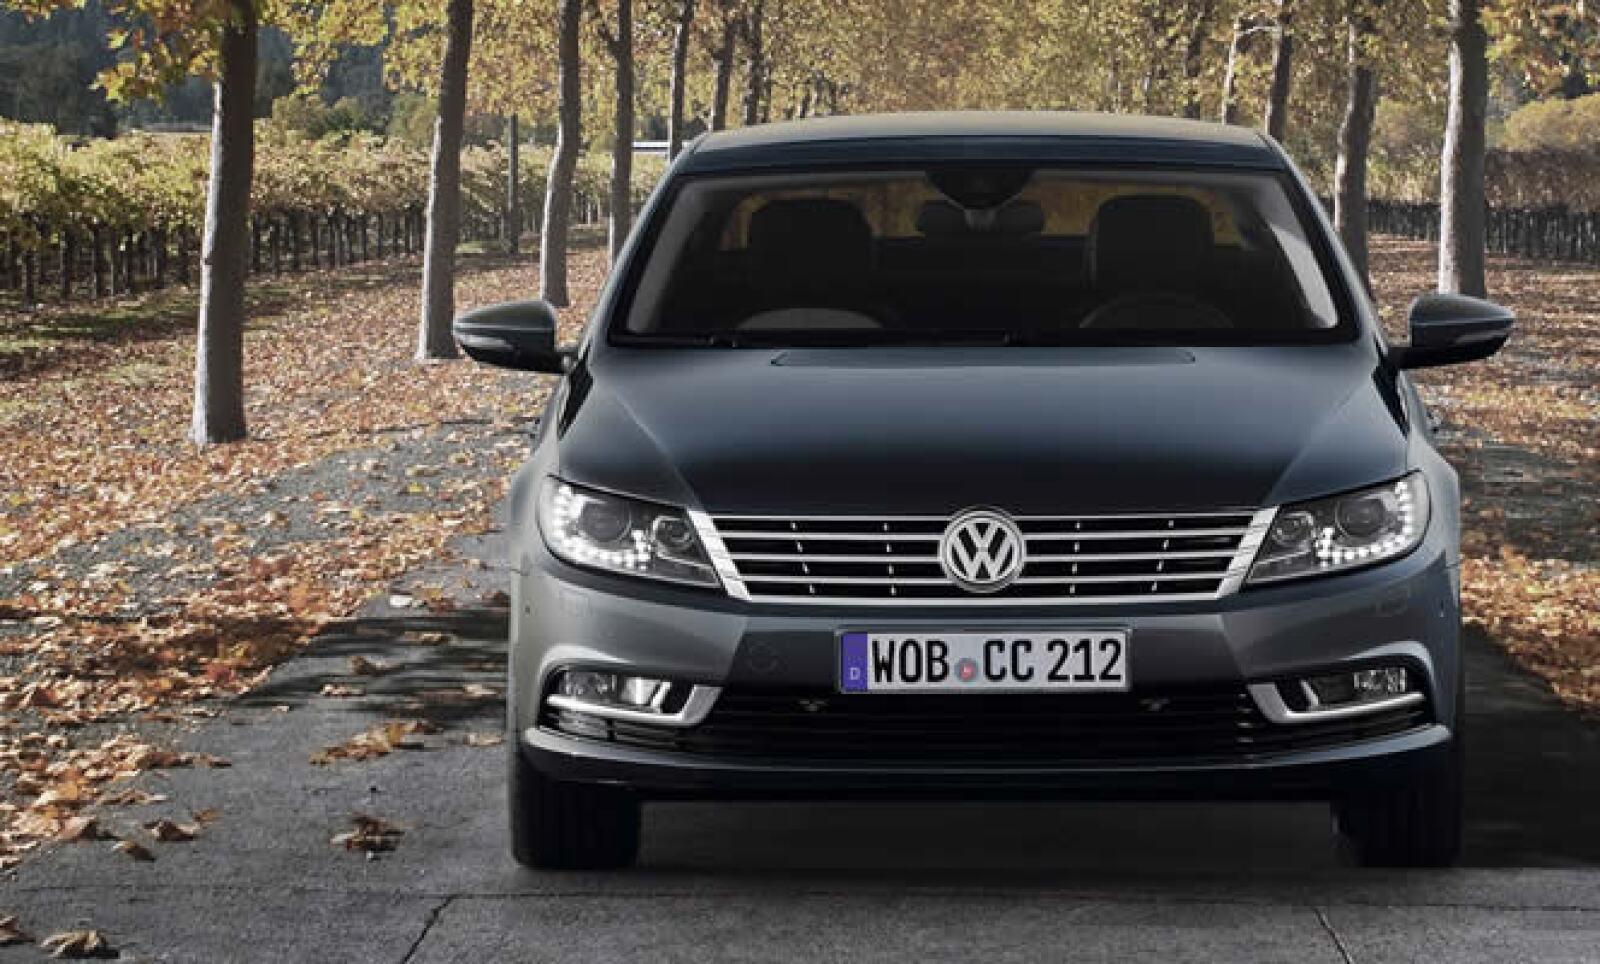 El nuevo modelo está programado para ser comercializado en su país de origen en febrero de 2012.